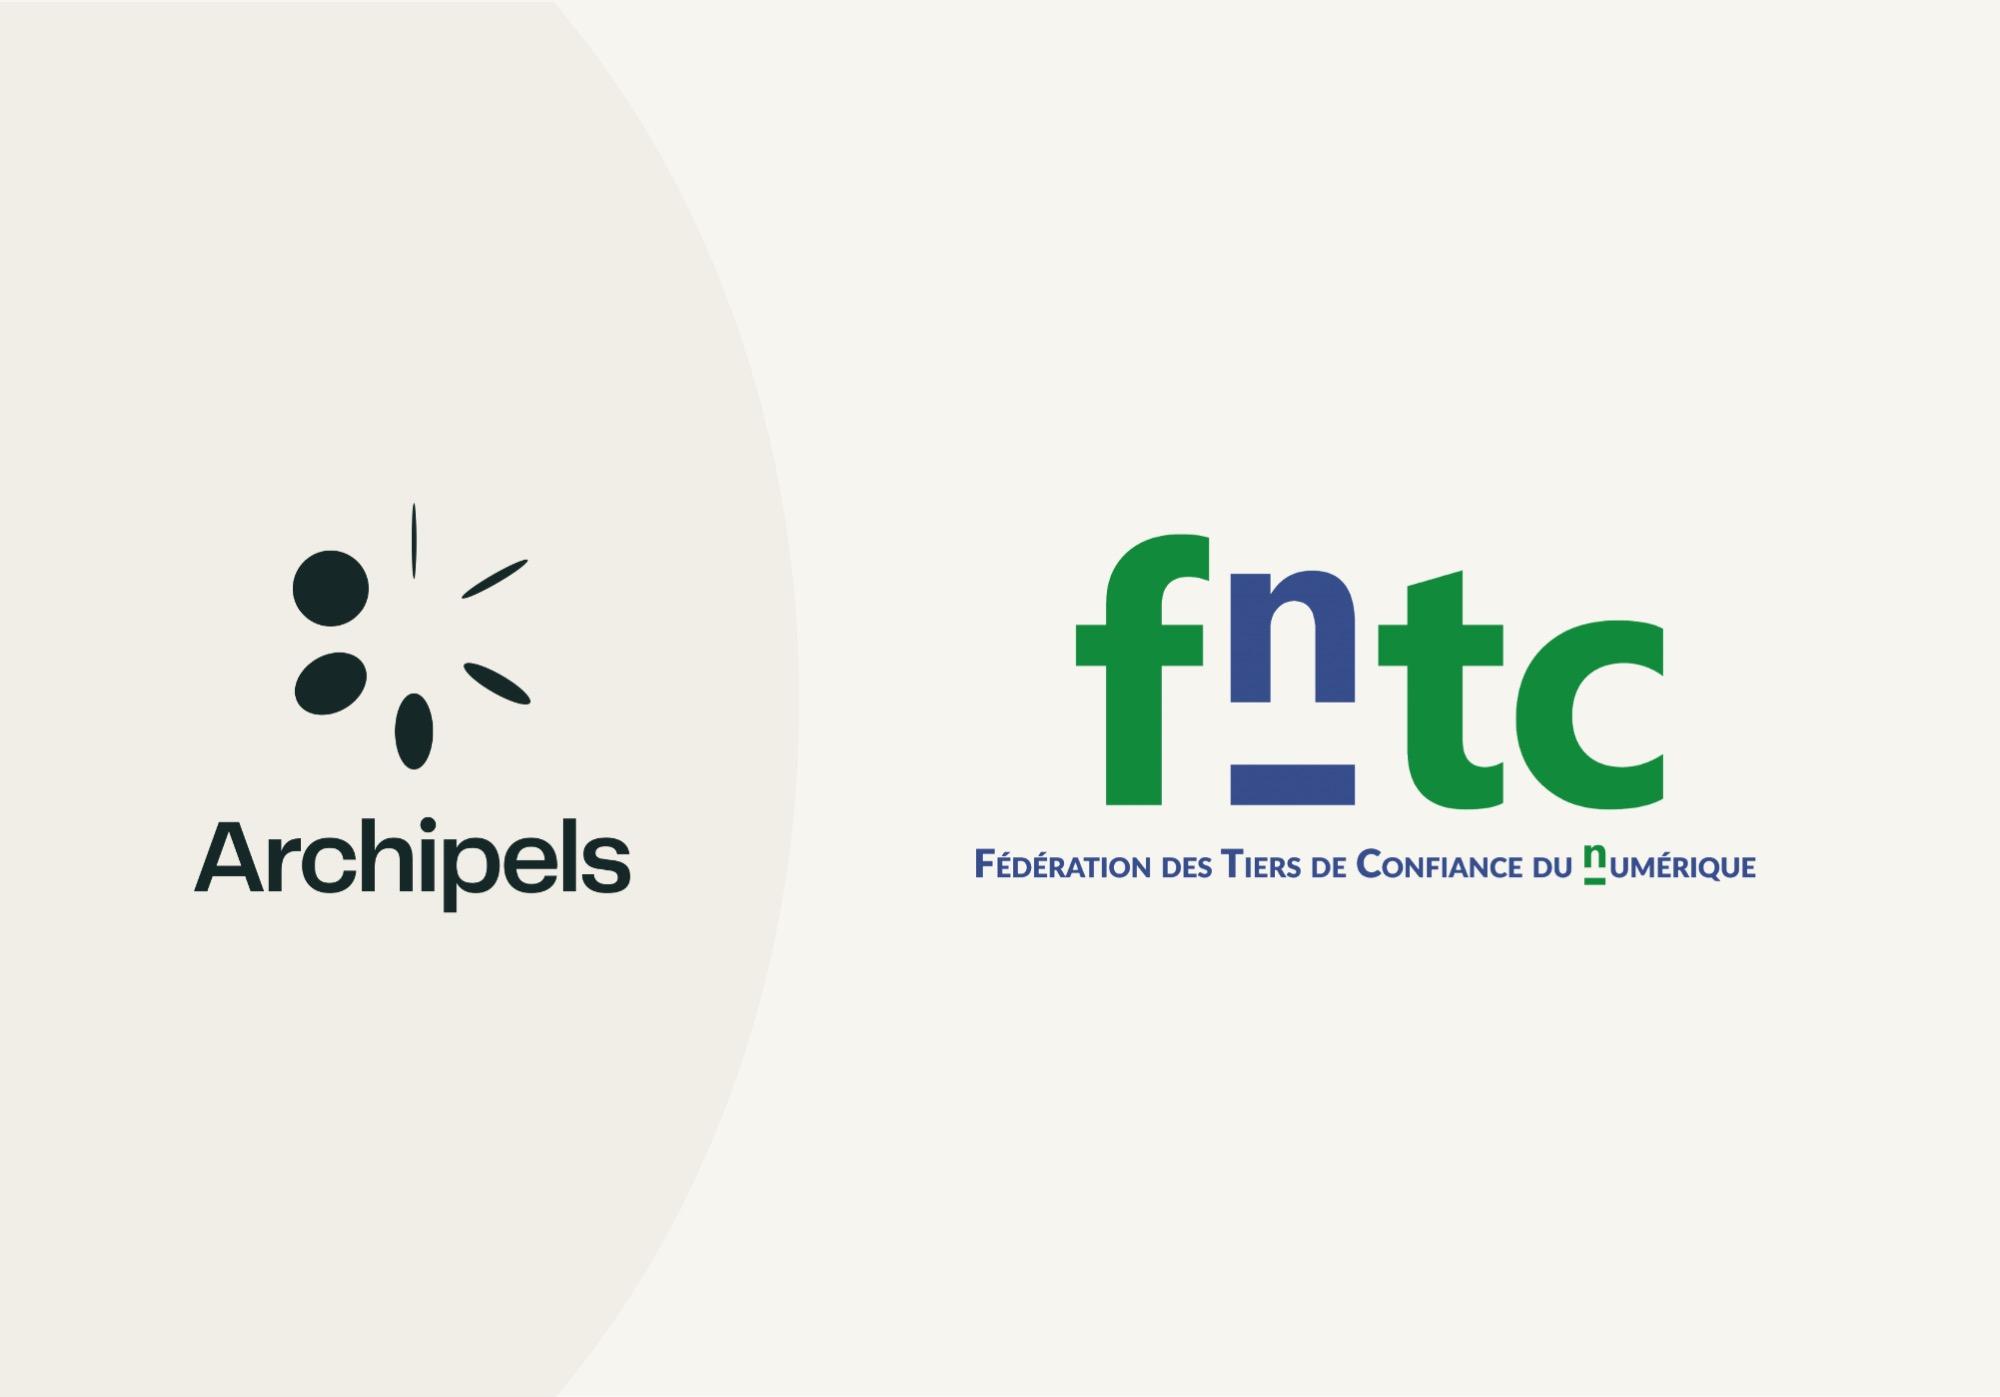 Blockchain and digital trust: Archipels joins the FnTC (Fédération des Tiers de Confiance du Numérique)